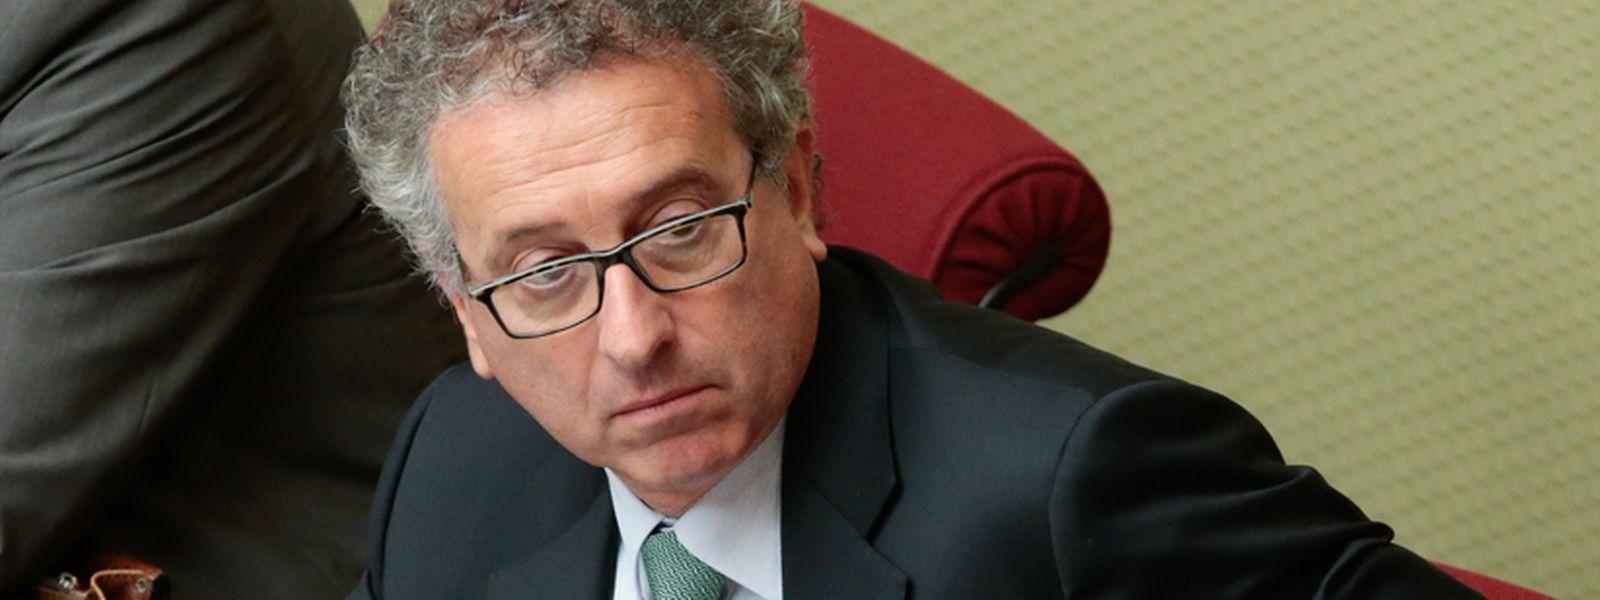 Finanzminister Pierre Gramegna dürfte am Dienstag Stellung zu den SwissLeaks-Enthüllungen beziehen.